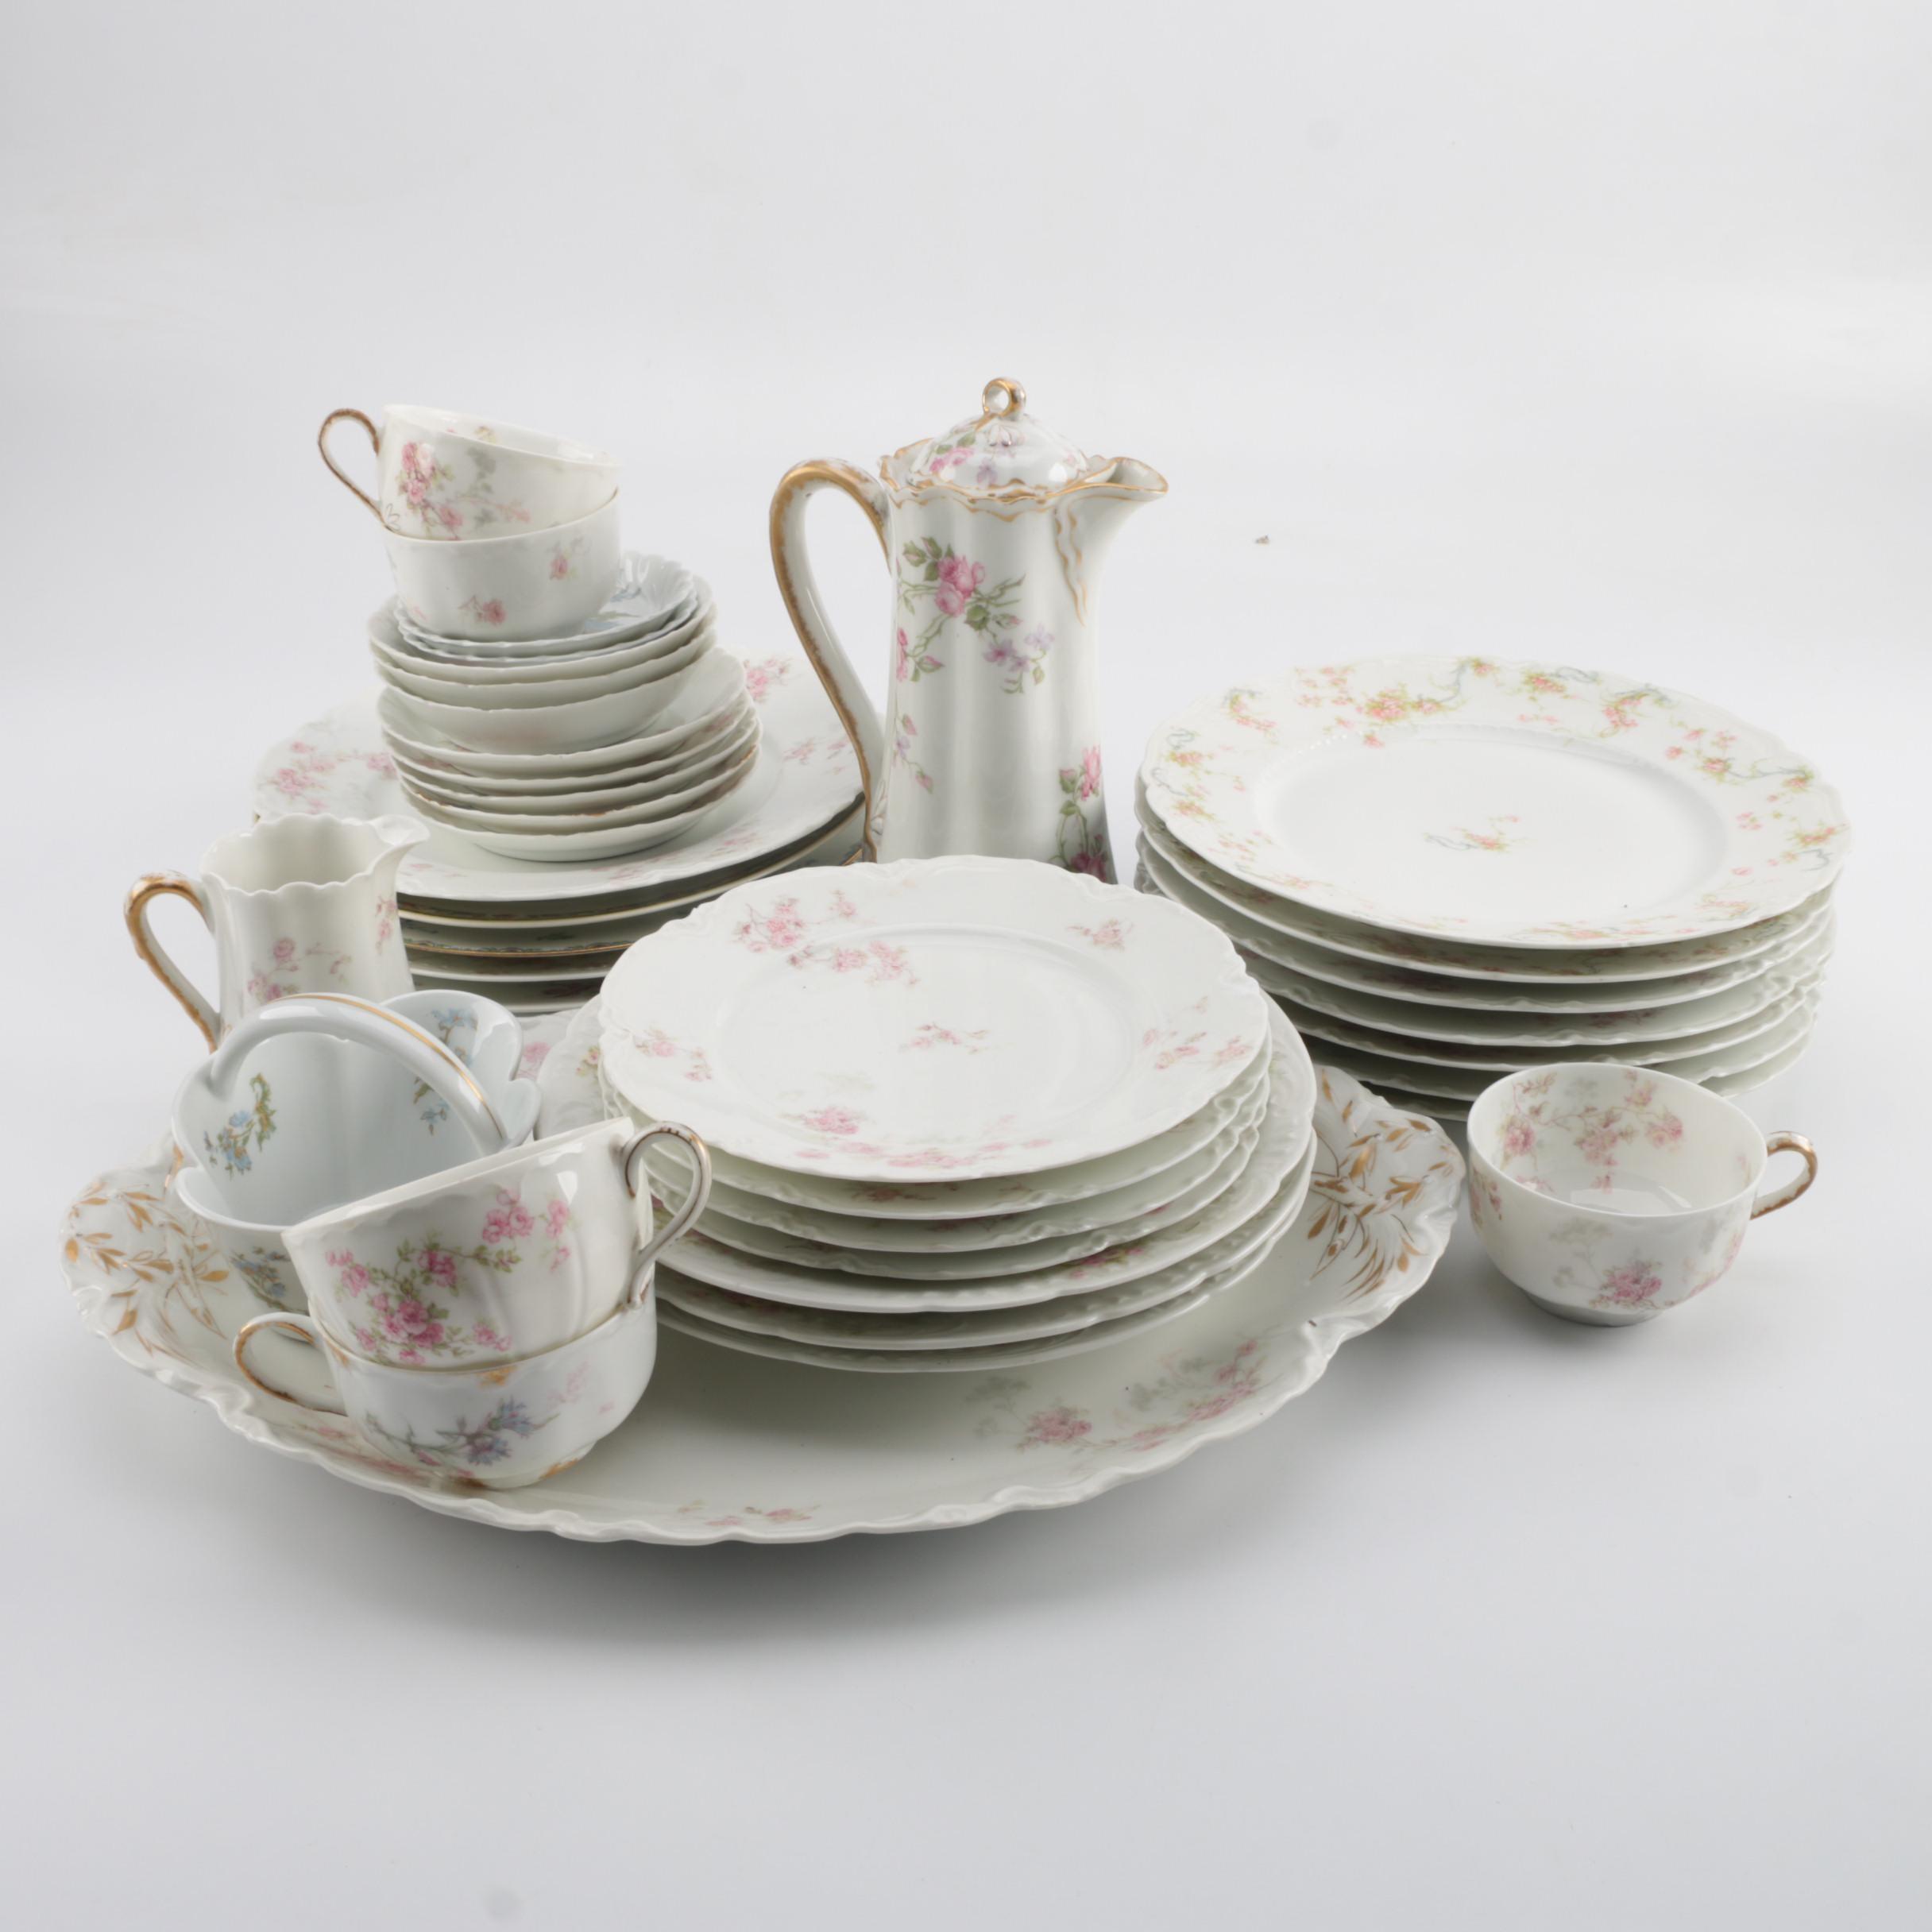 Haviland Limoges Porcelain Tableware